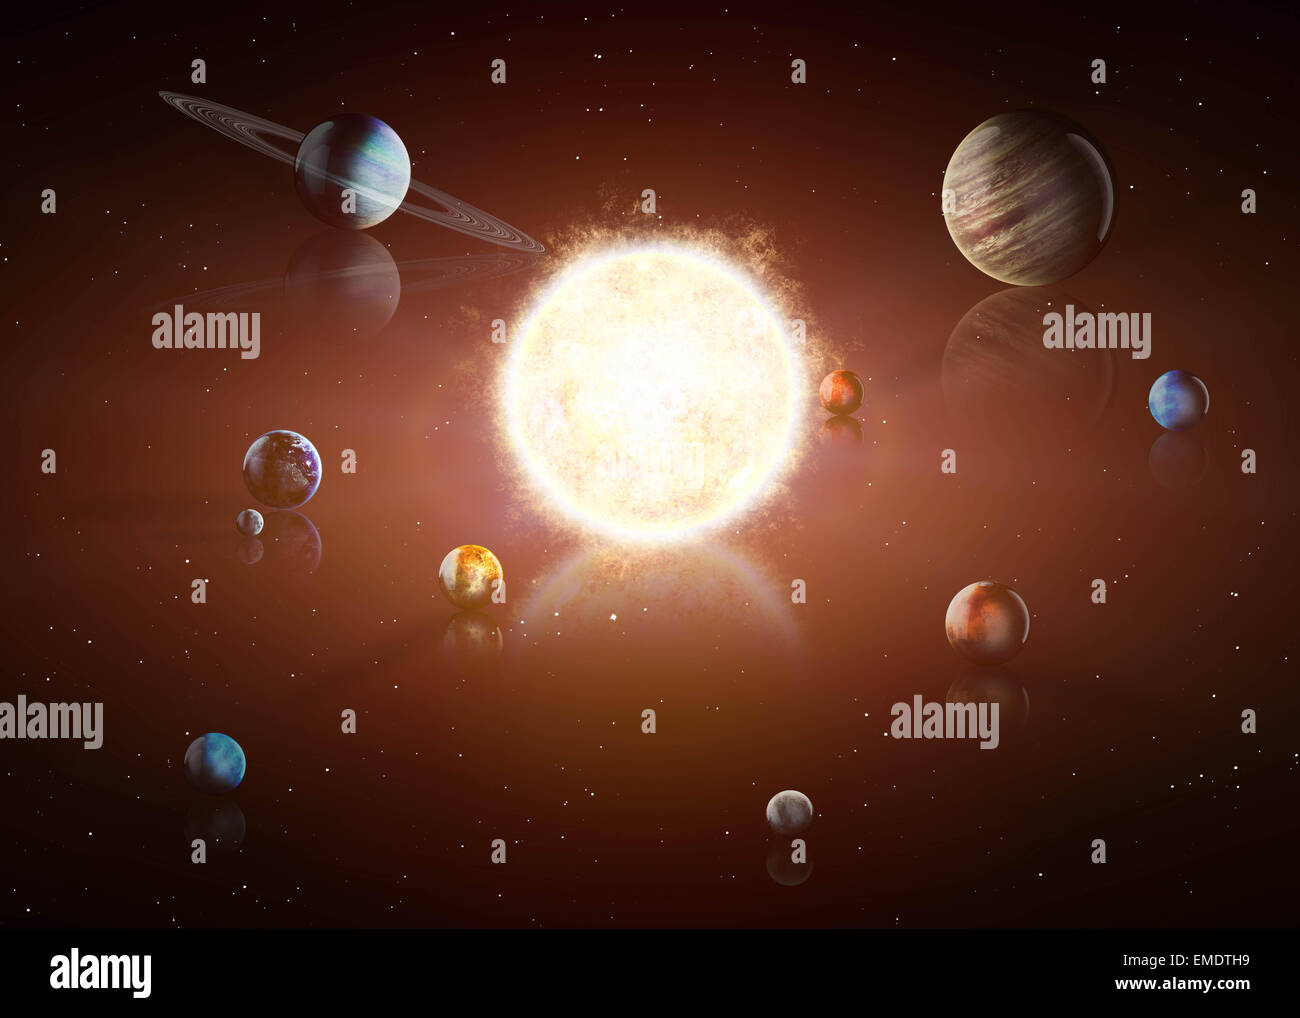 Earth Orbit Around Sun Stock Photos Amp Earth Orbit Around